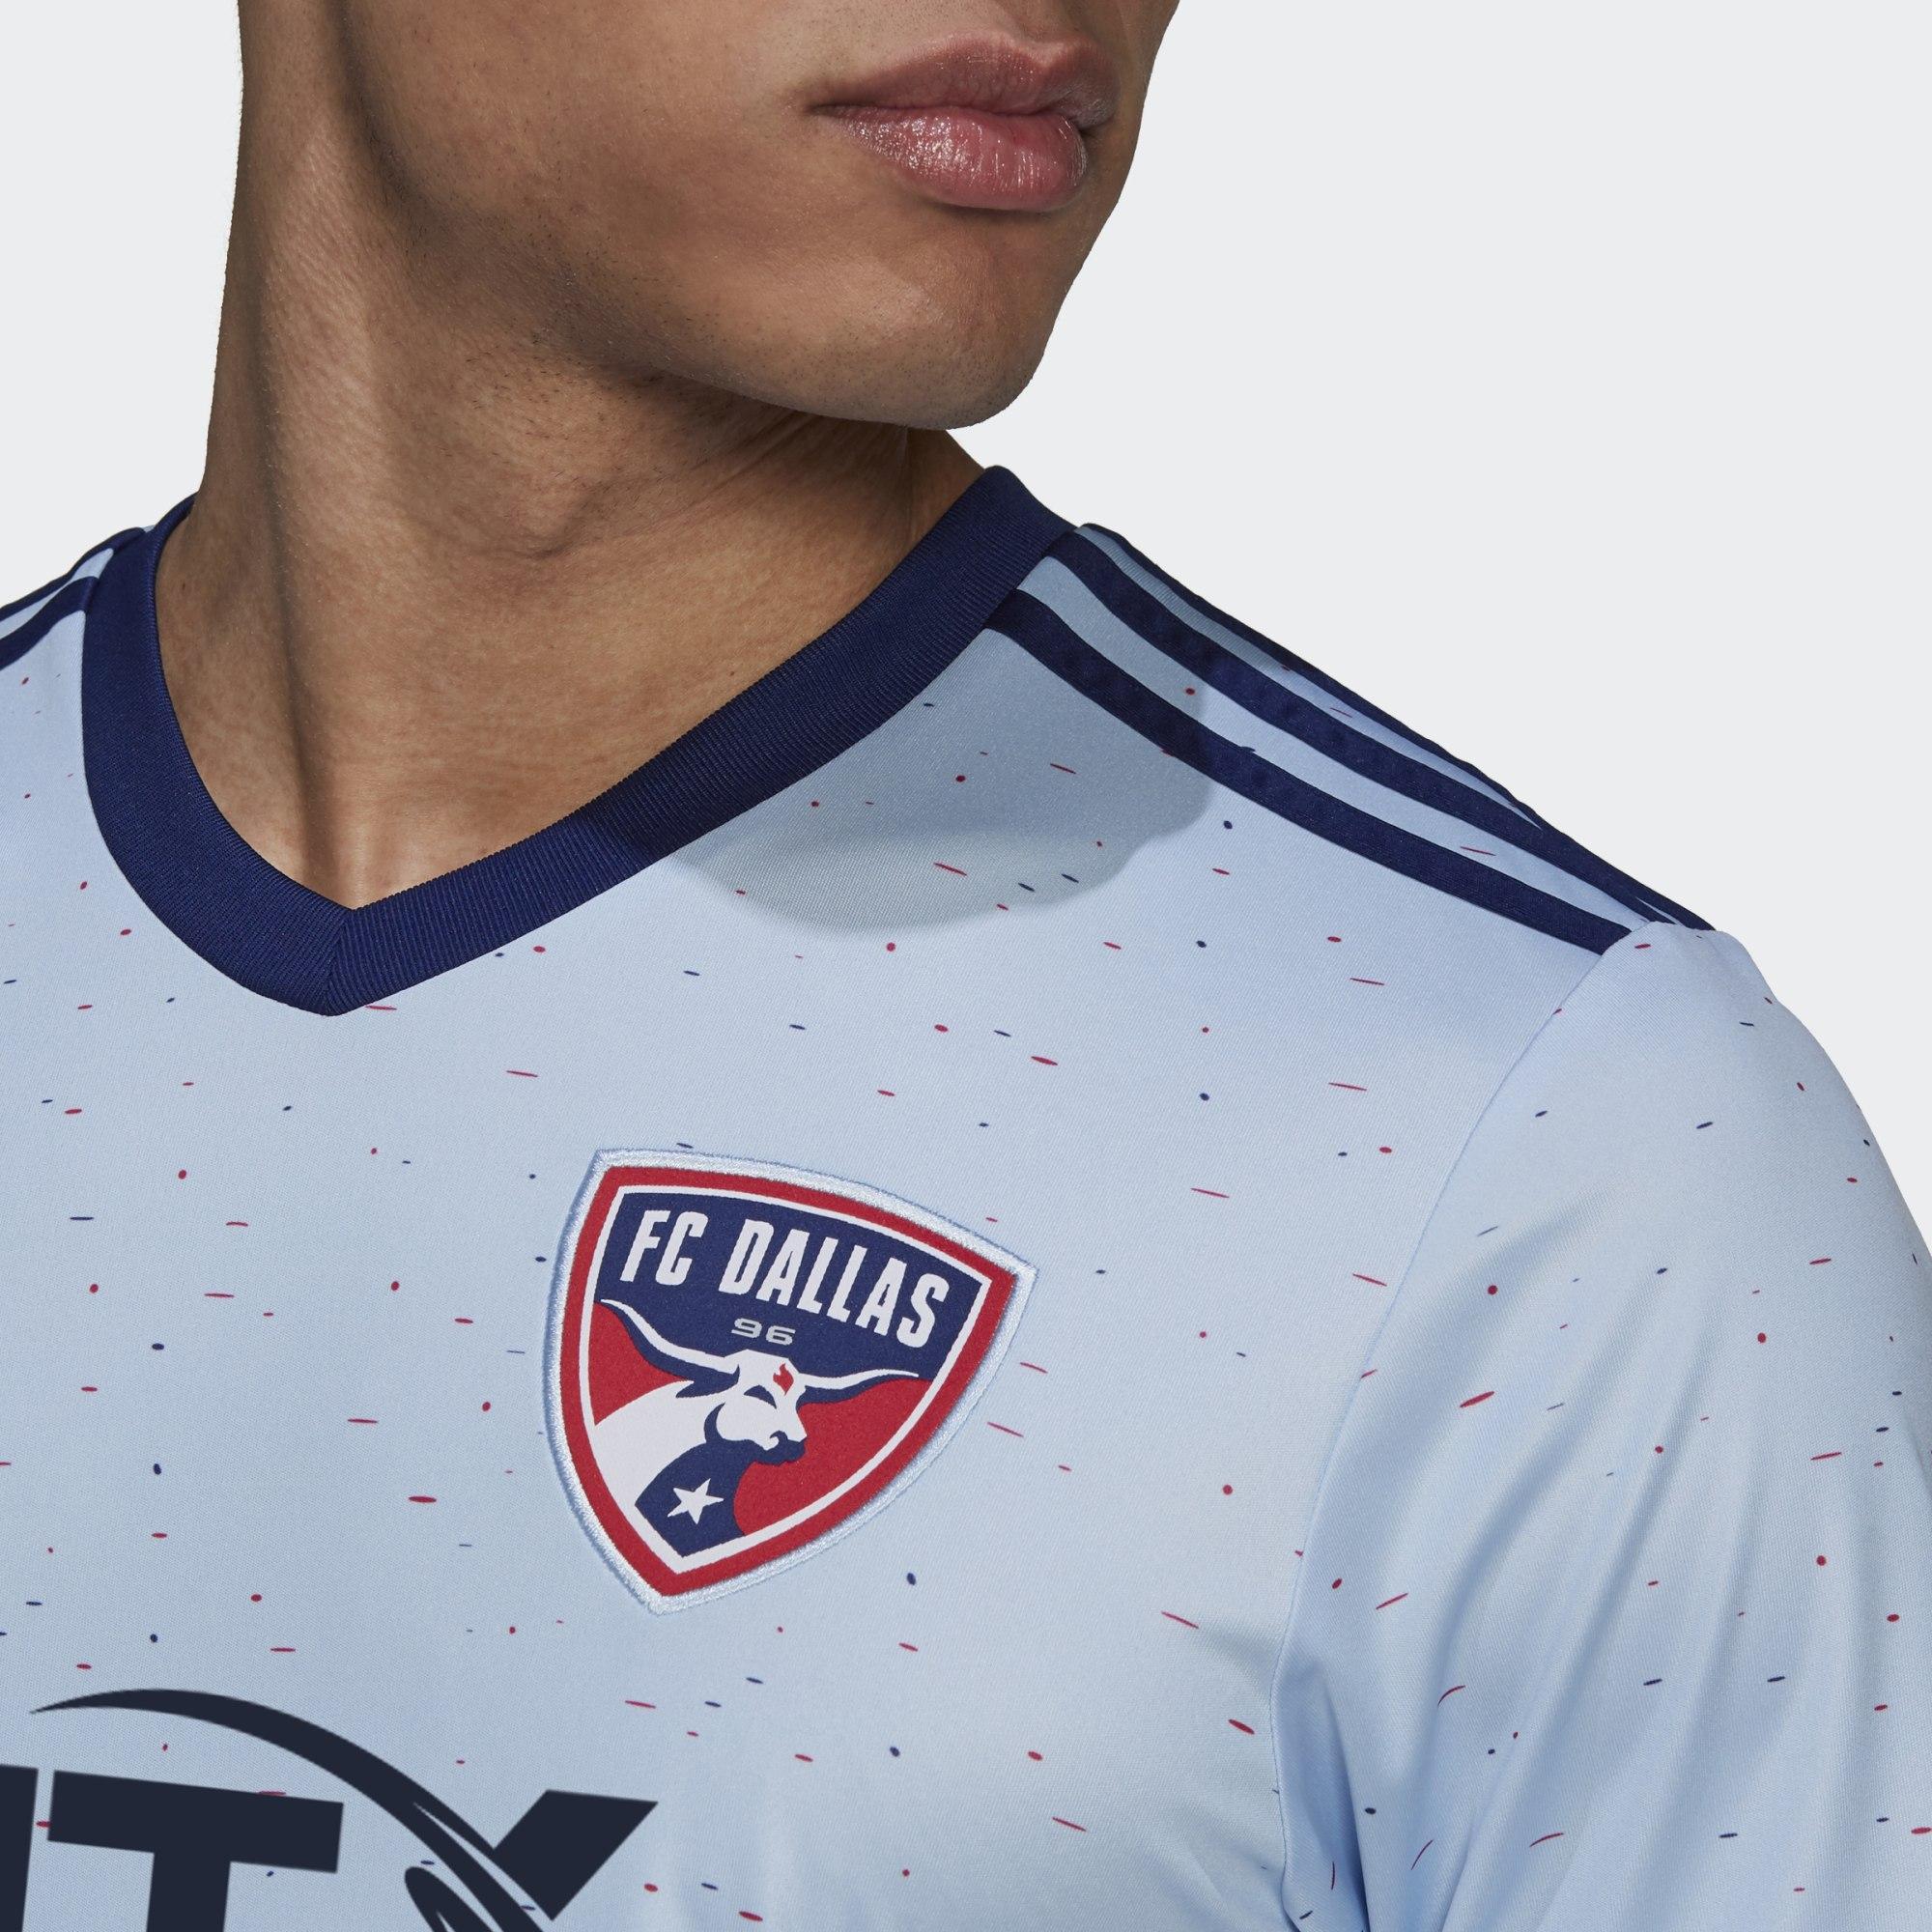 FC Dallas 2021-22 Adidas Away Shirt | 20/21 Kits | Football shirt blog